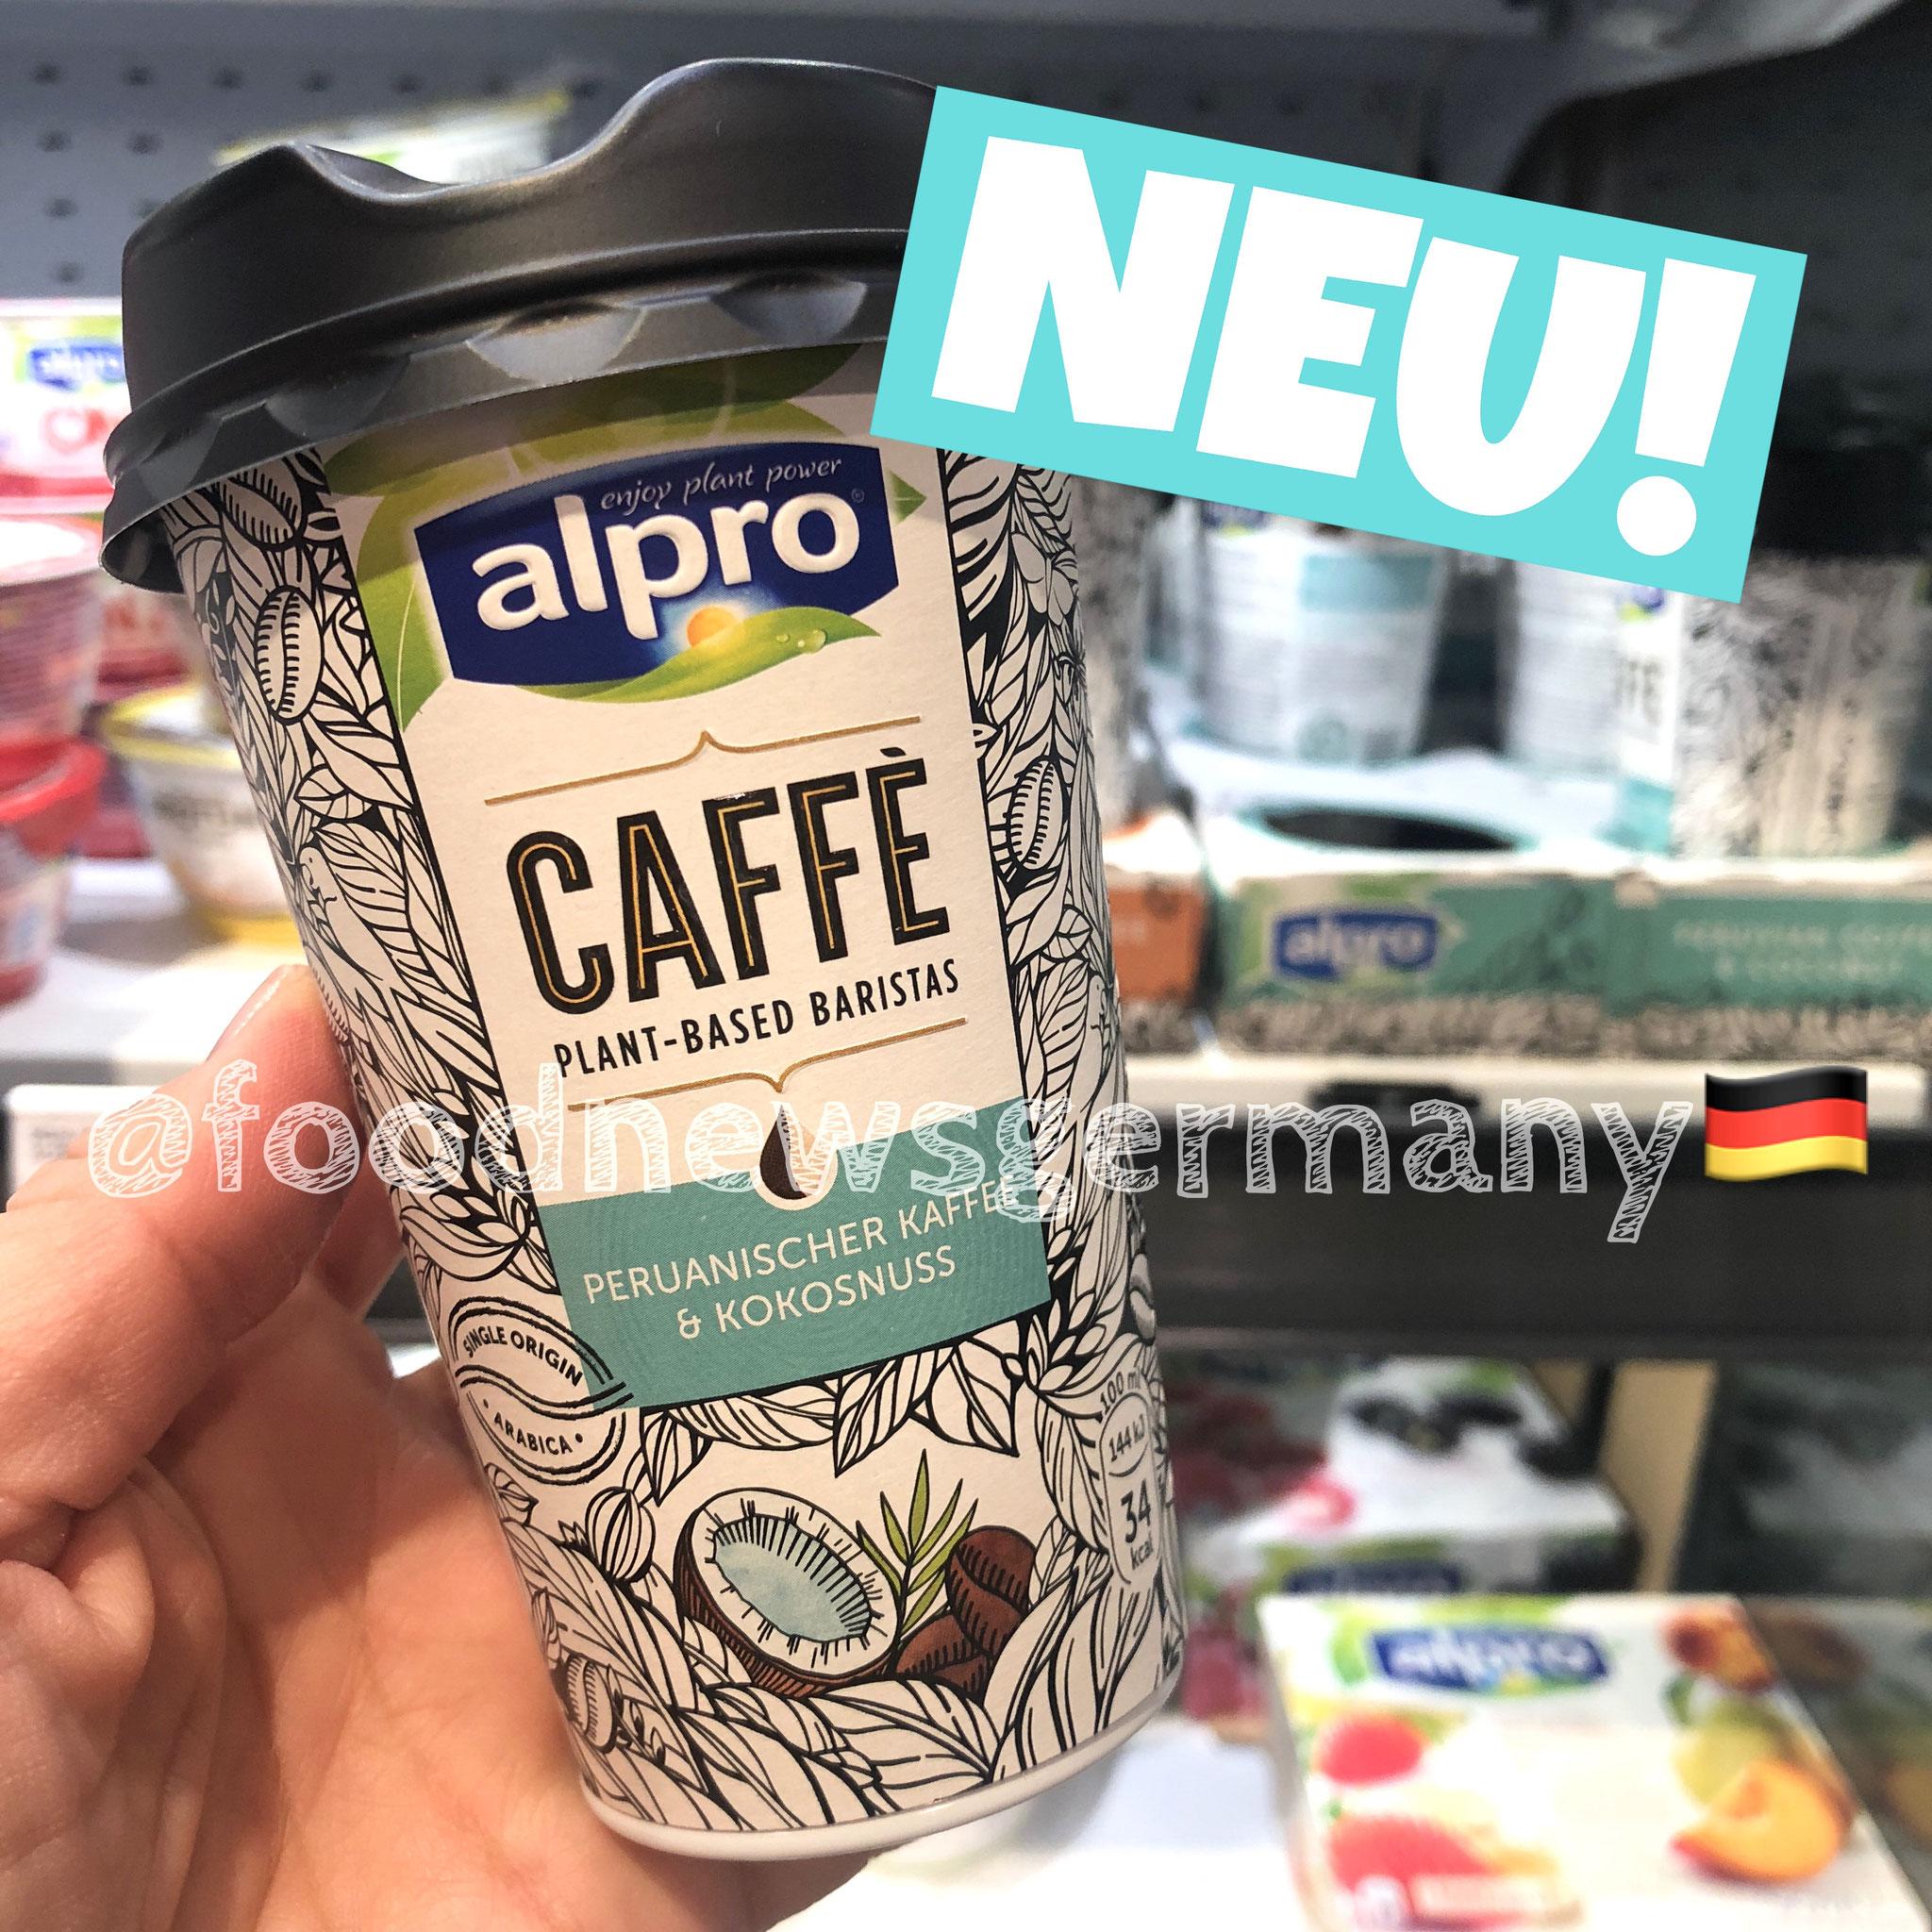 Alpro Caffé